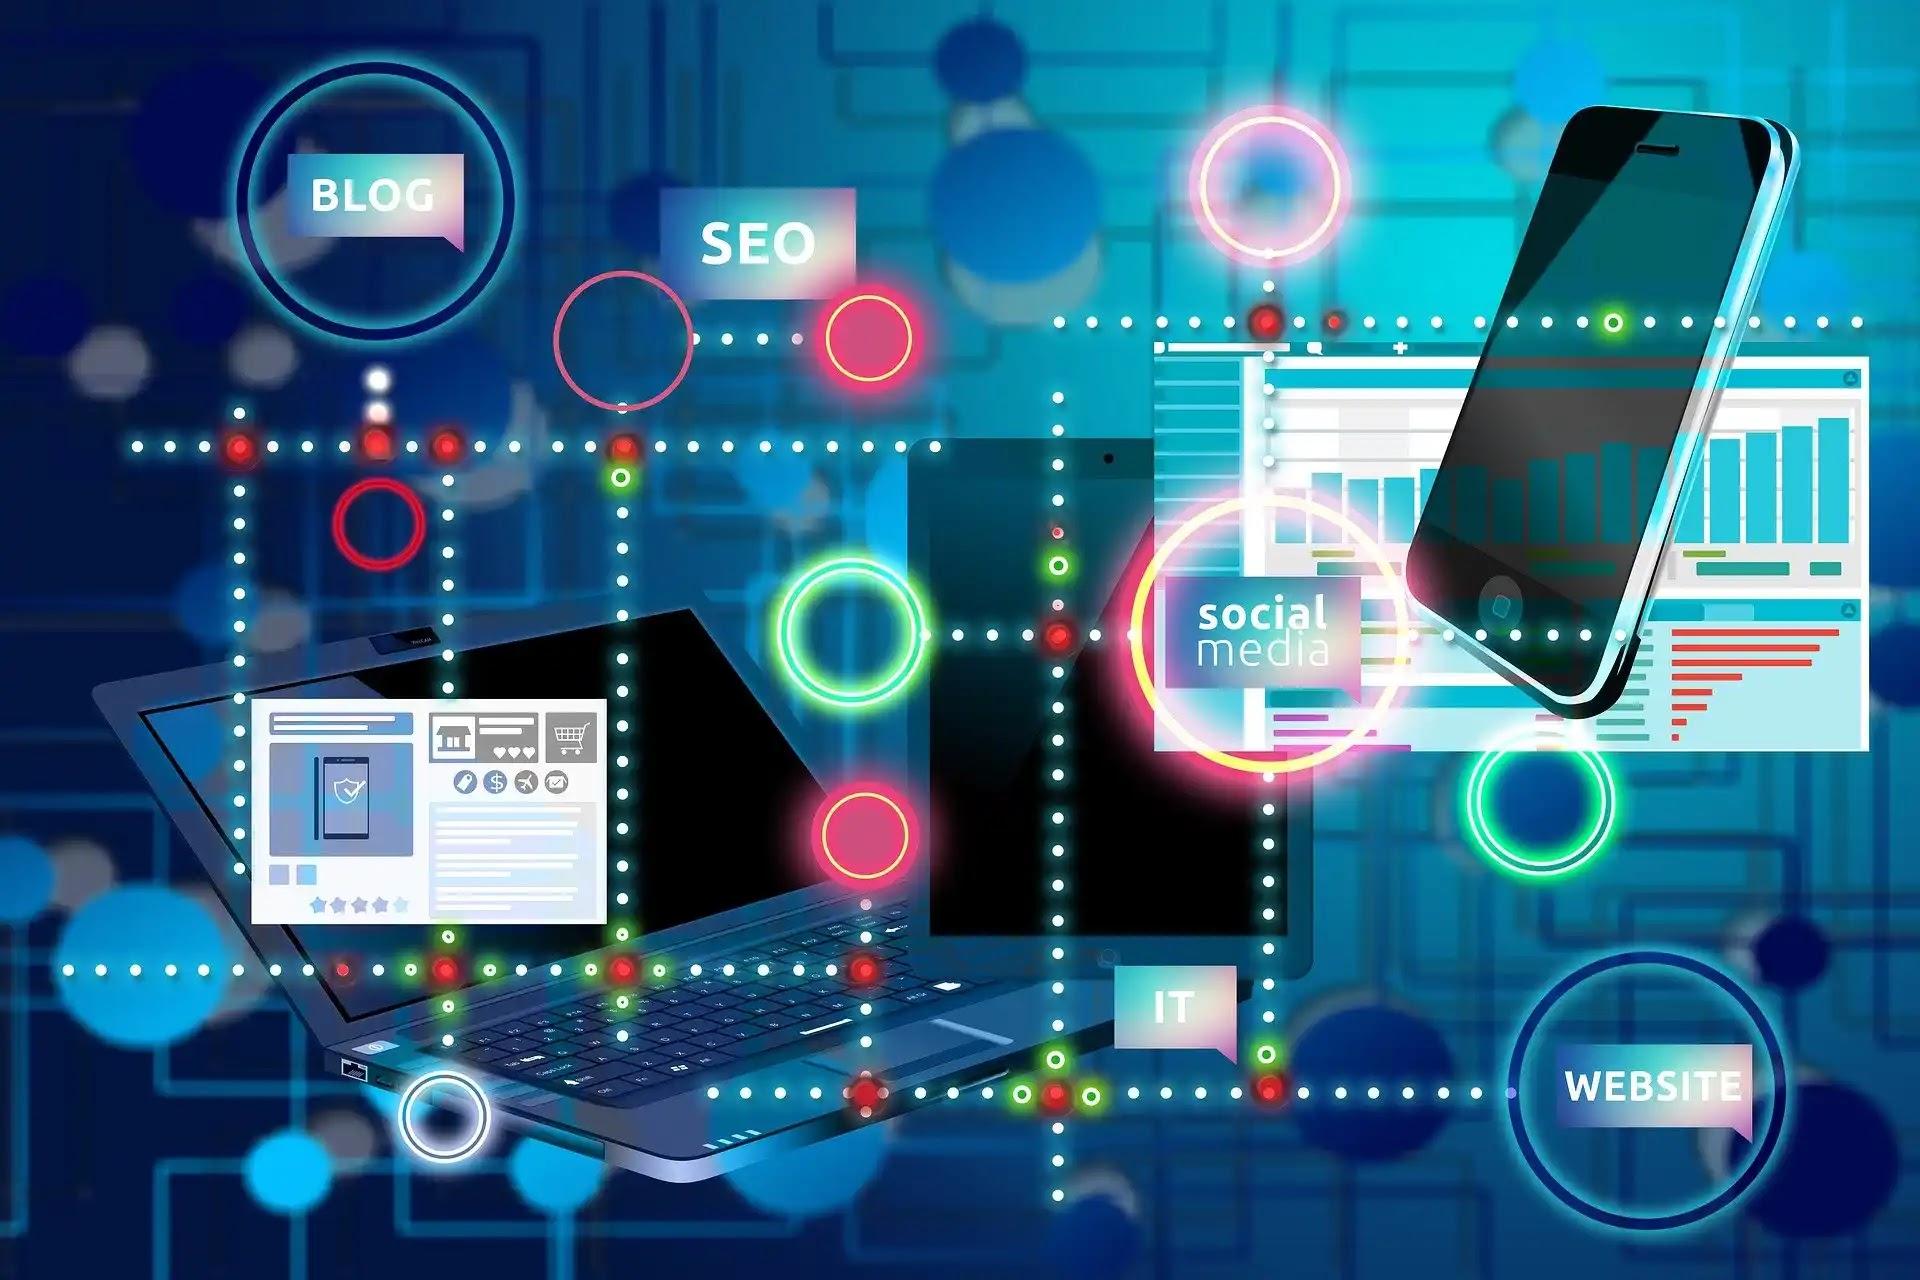 طرق تحسين محركات البحث السيو